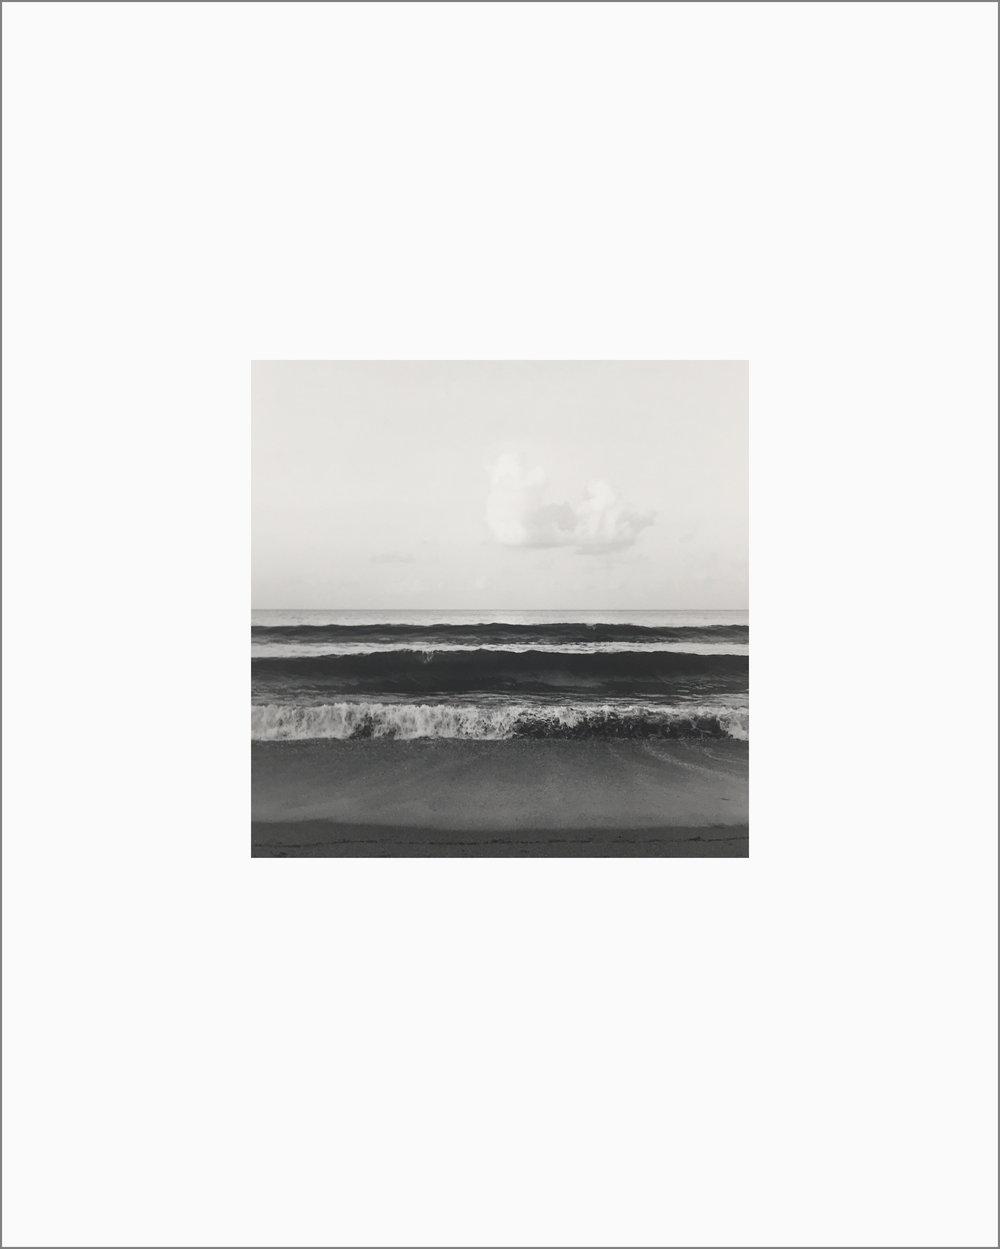 Mikael Levin, Untitled, 2001 Gelatin silver print. 20 5/8 x 16 6/8 x 1 3/8 inch (framed) Ed 1/5 (2001095)